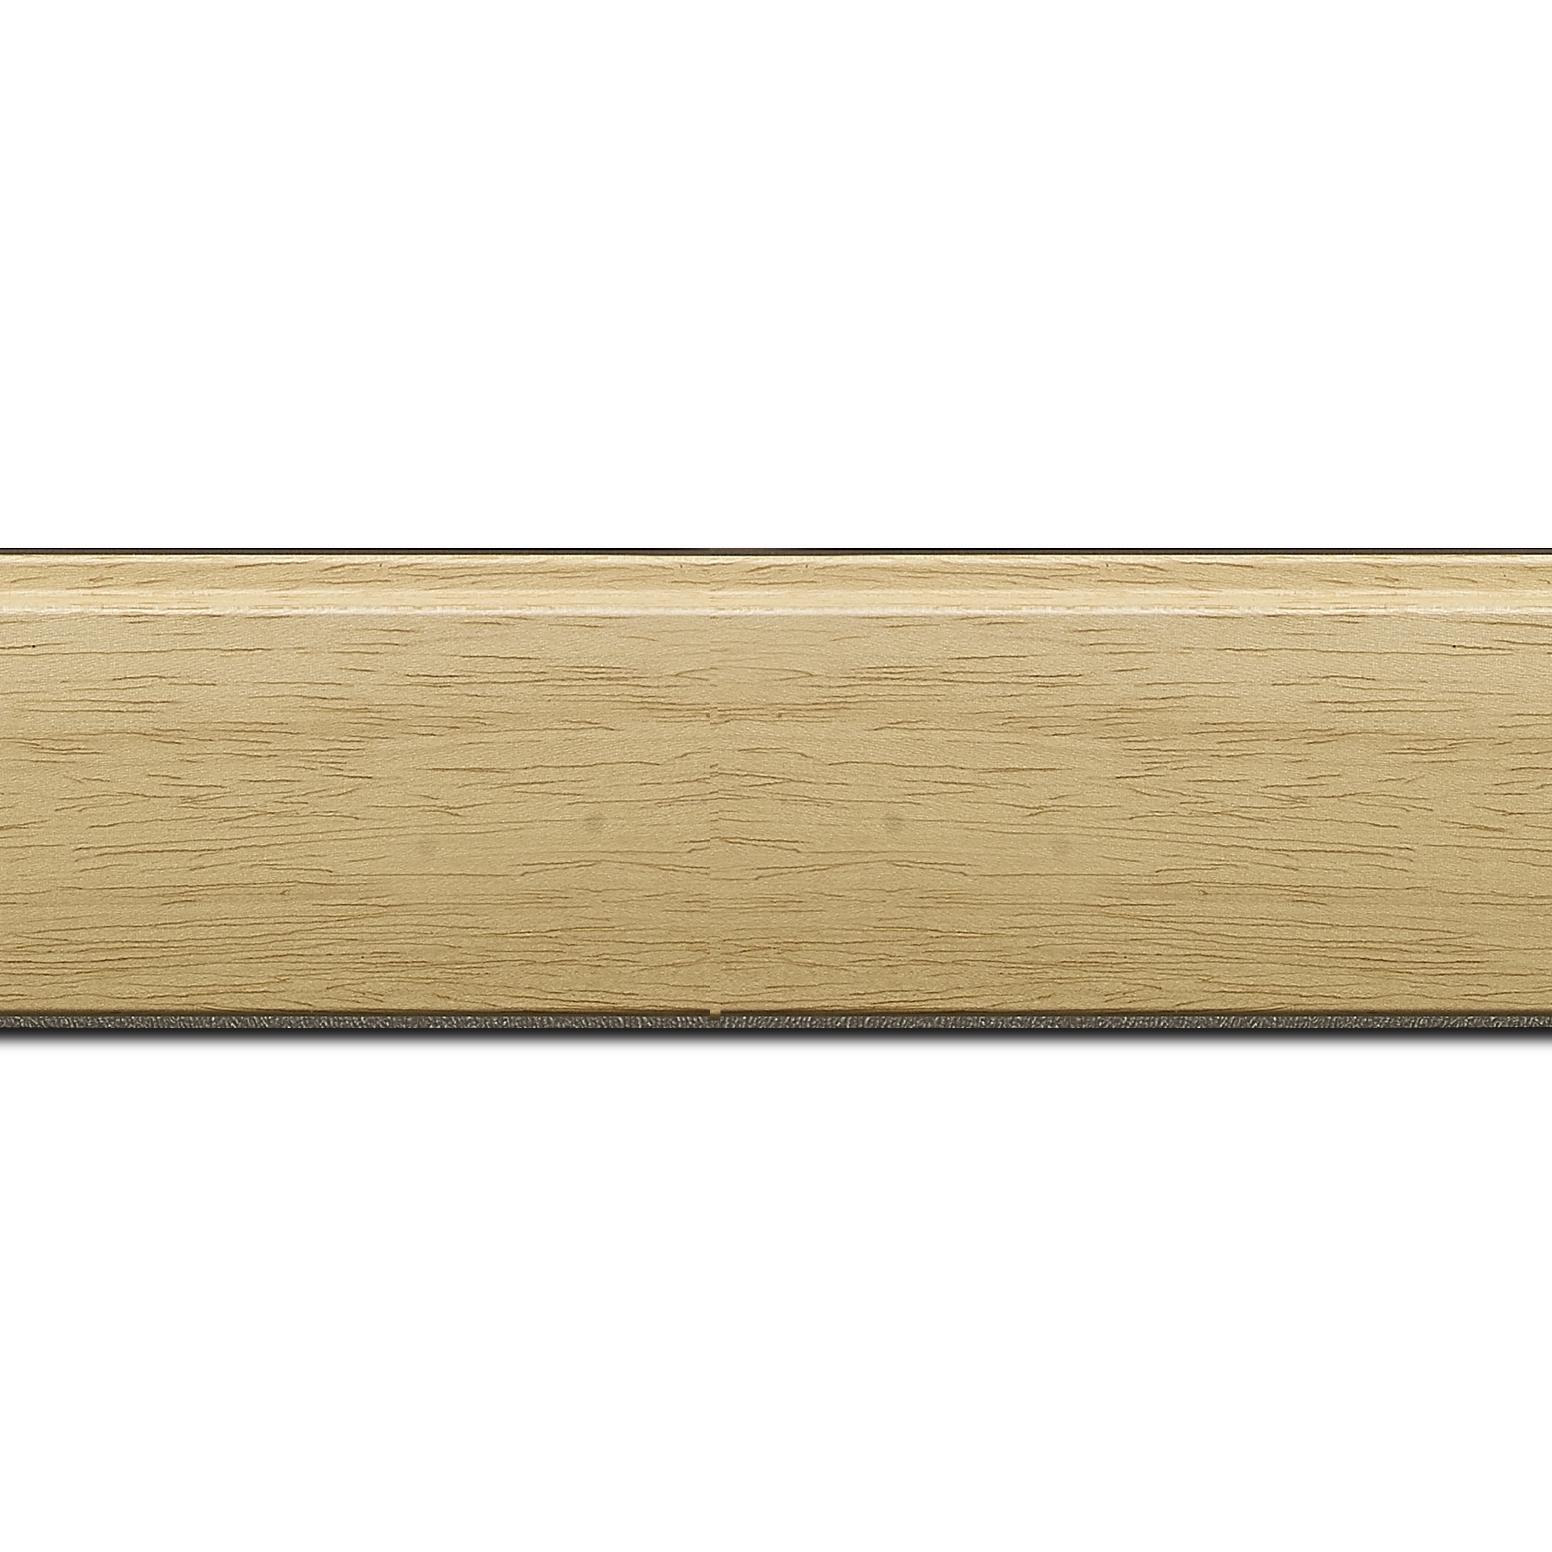 Baguette longueur 1.40m bois profil en pente méplat largeur 4.8cm ayous massif naturel (sans vernis, peut être peint...)